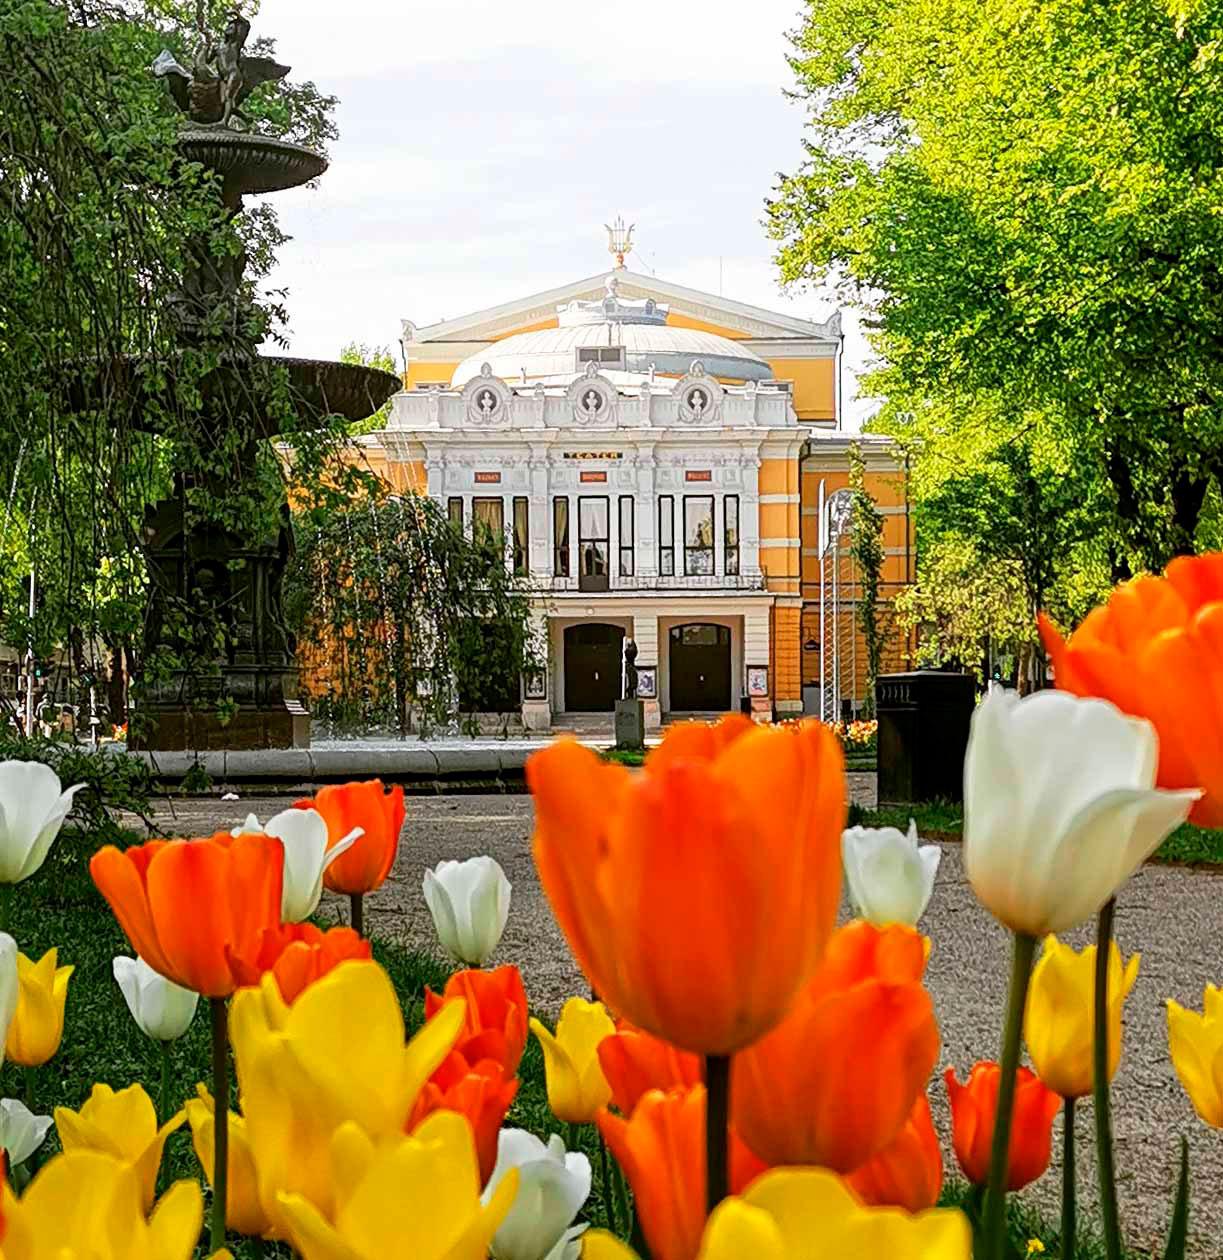 Bild av Gävle Teater med tulipaner